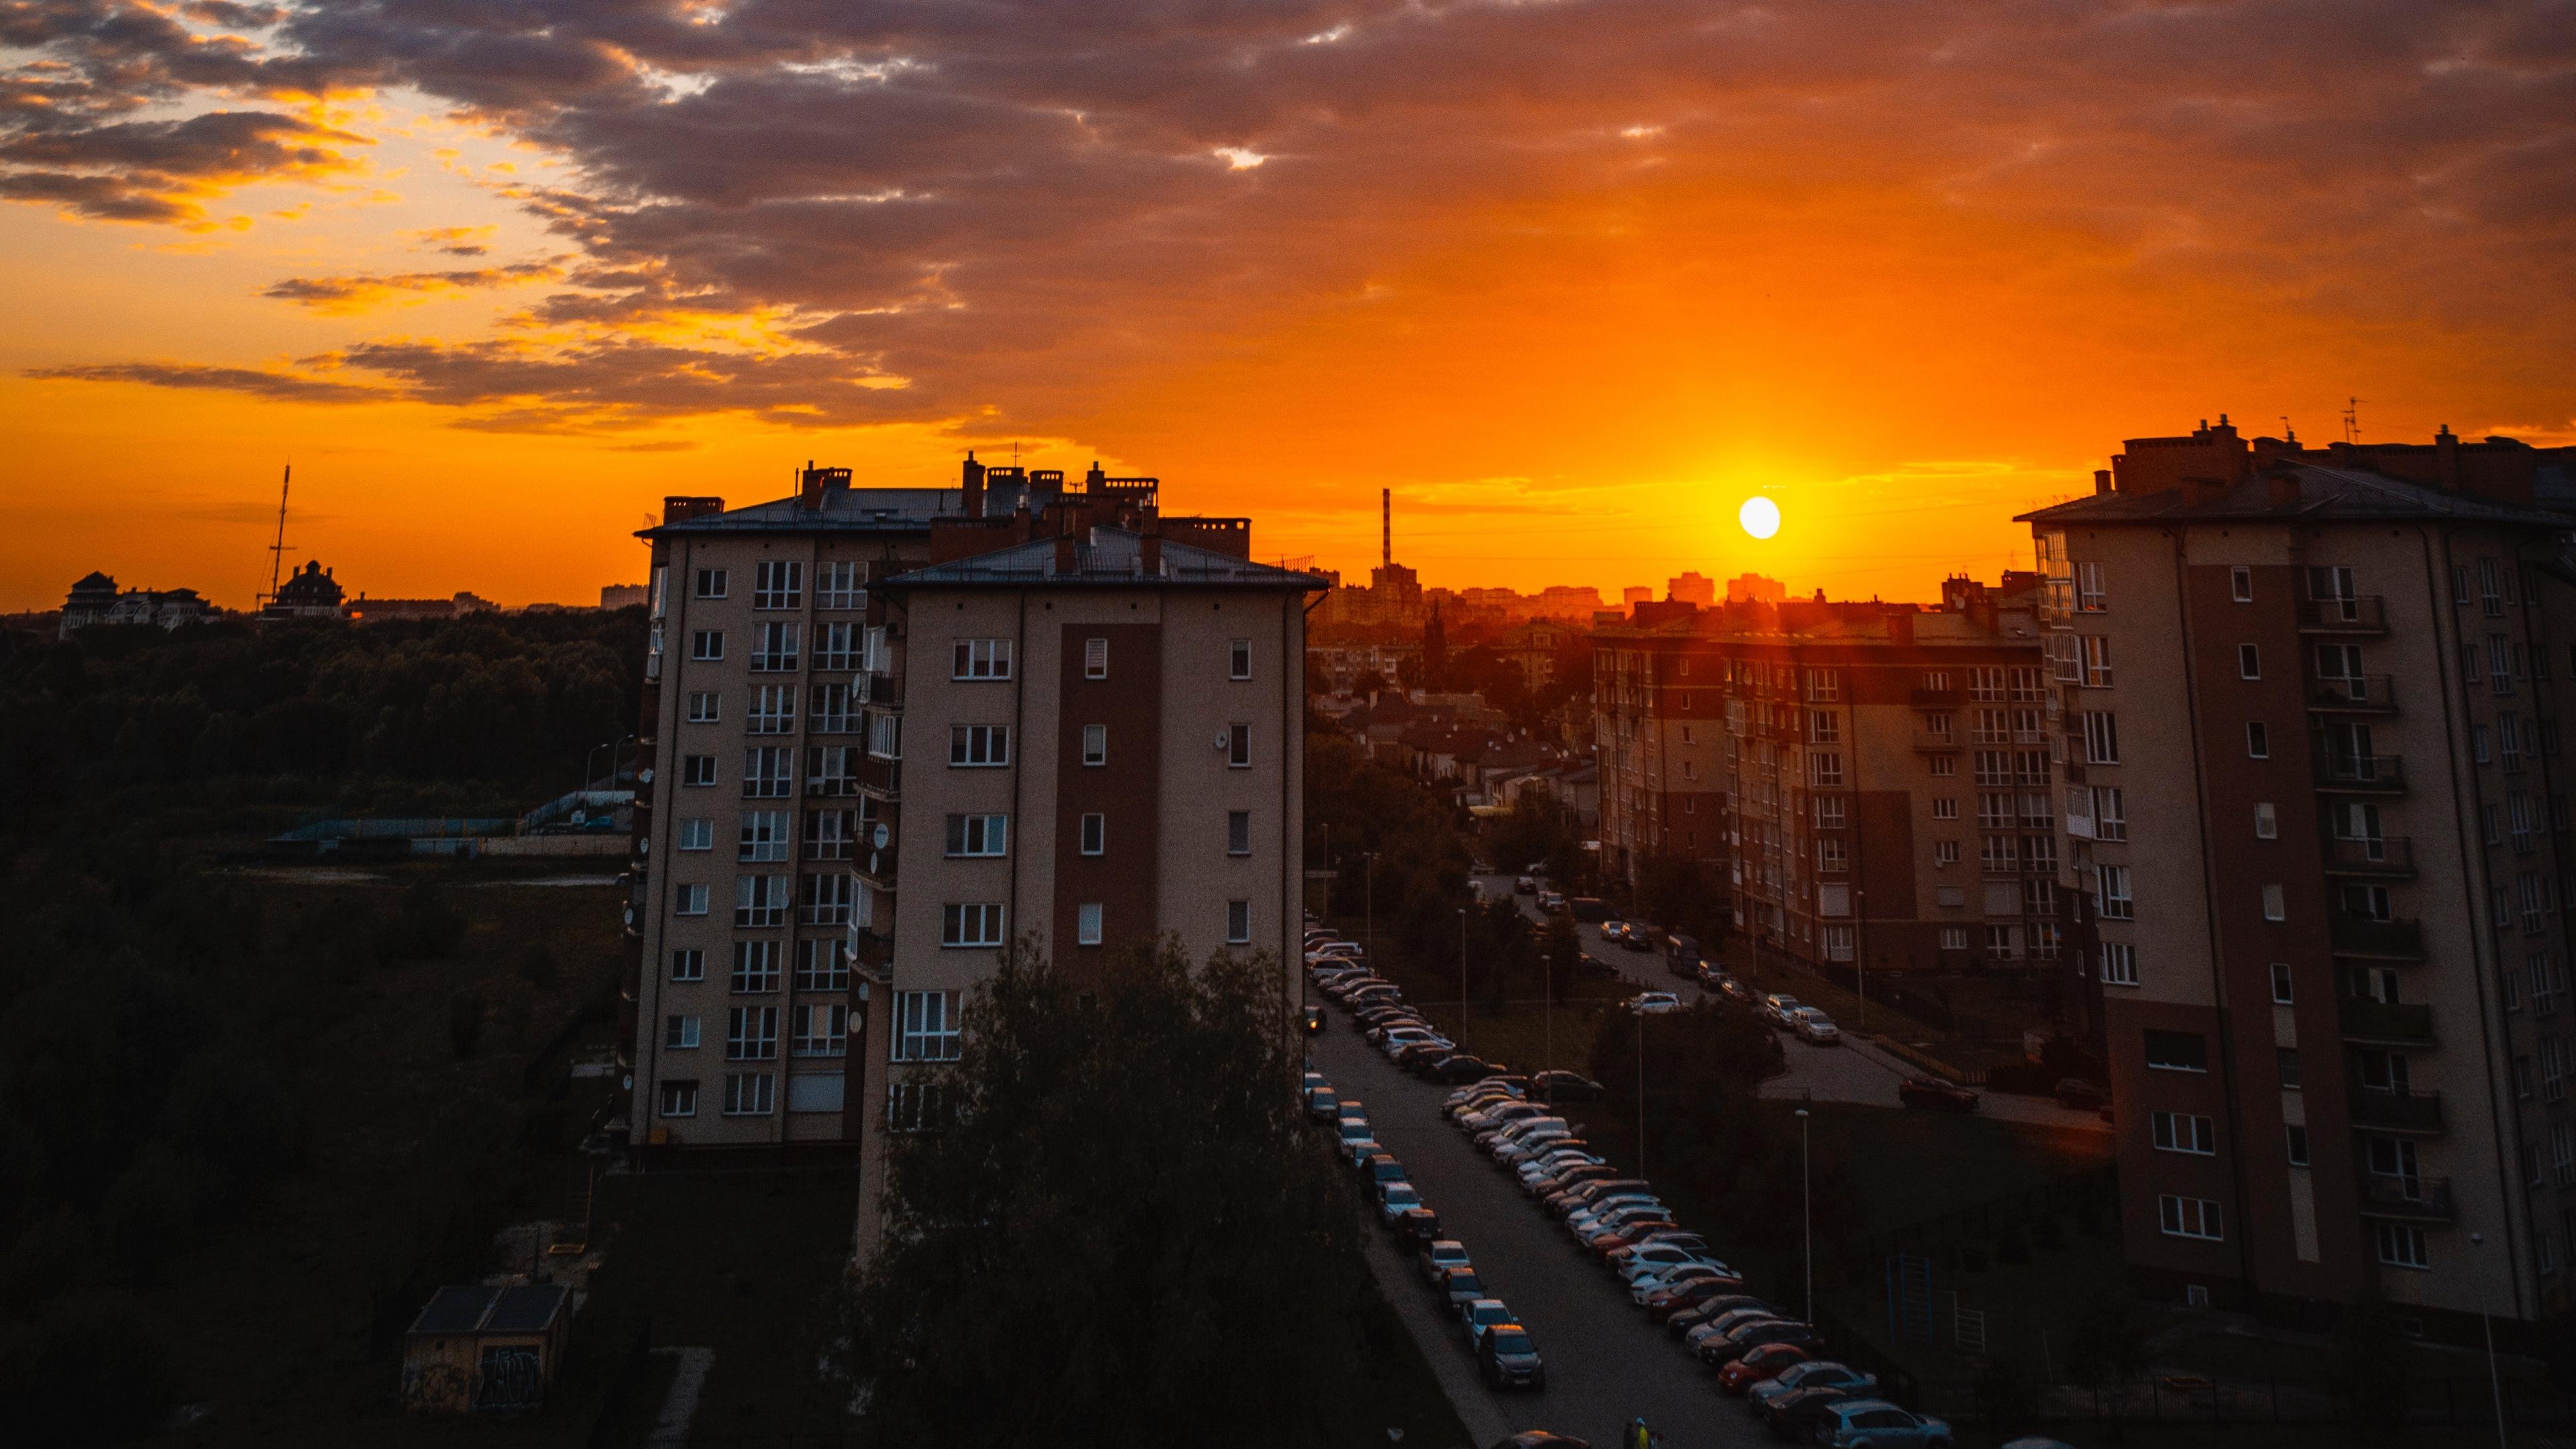 city buildings sunset clouds parking 4k 1538066682 - city, buildings, sunset, clouds, parking 4k - sunset, City, buildings